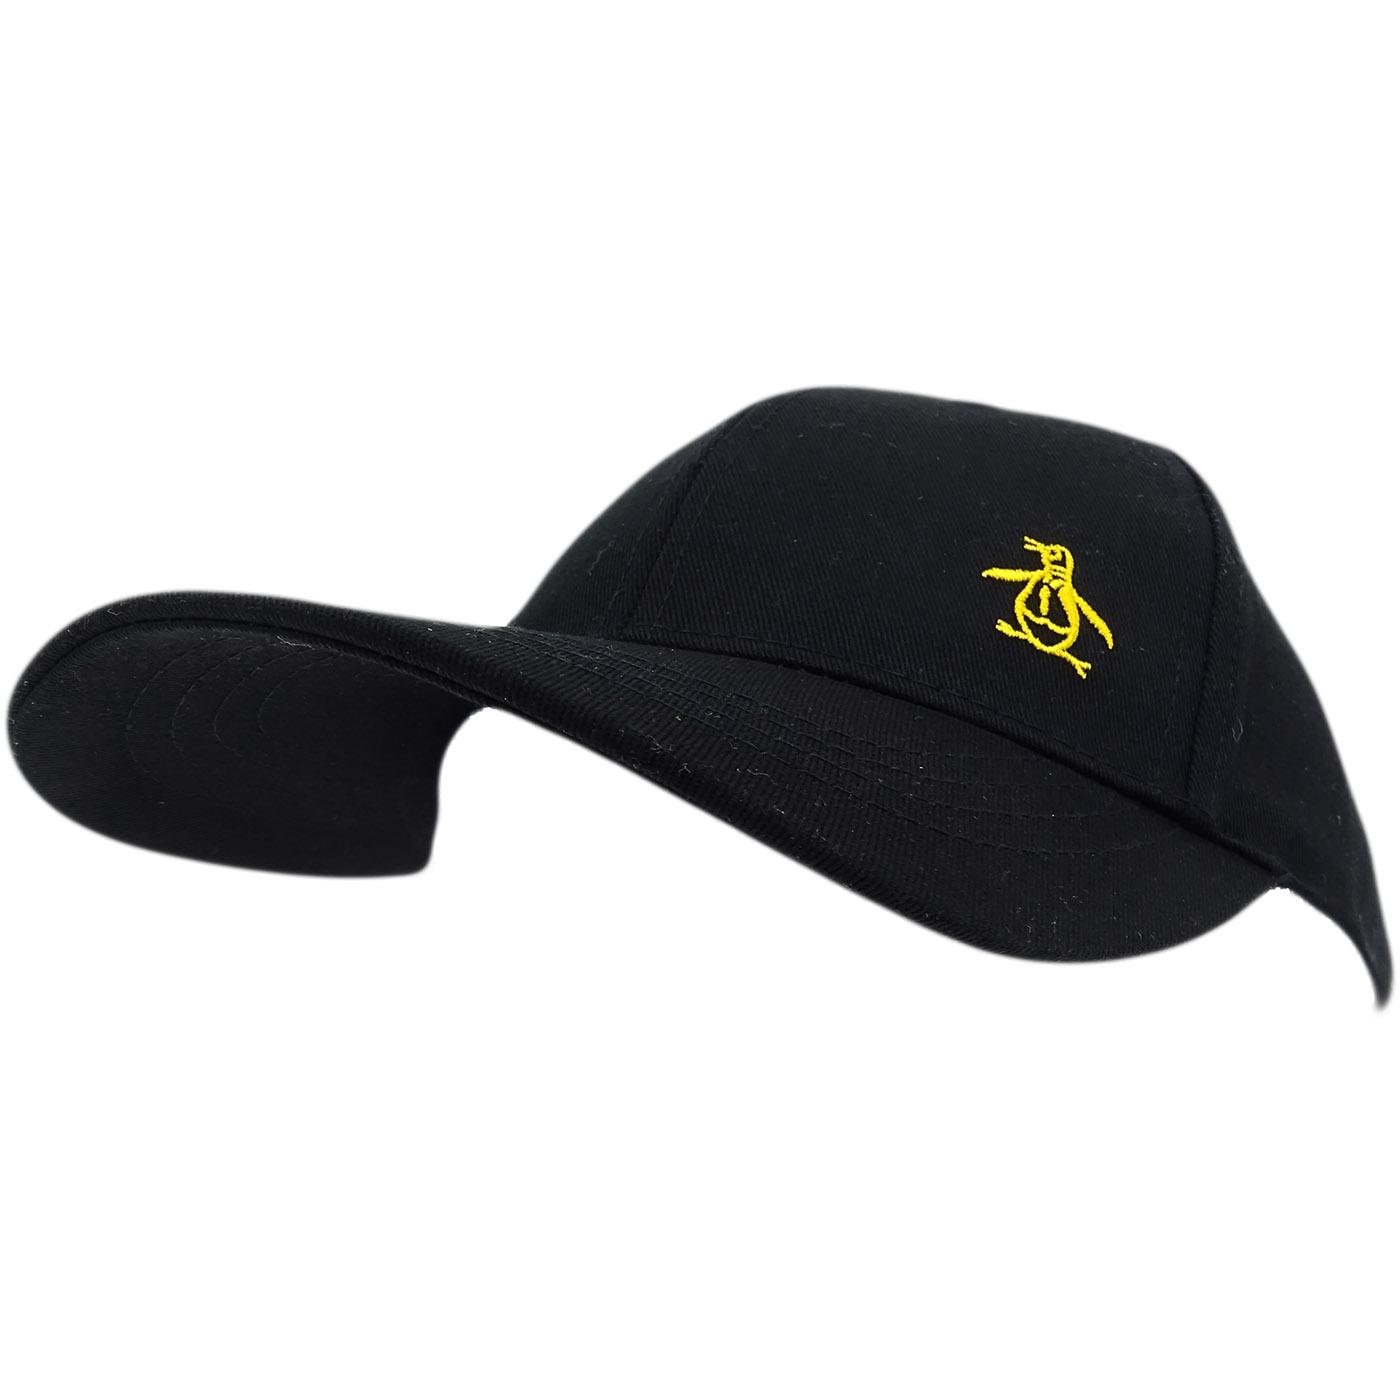 Original-Penguin-Plain-Basseball-Cap-Cap-Headwear-11007